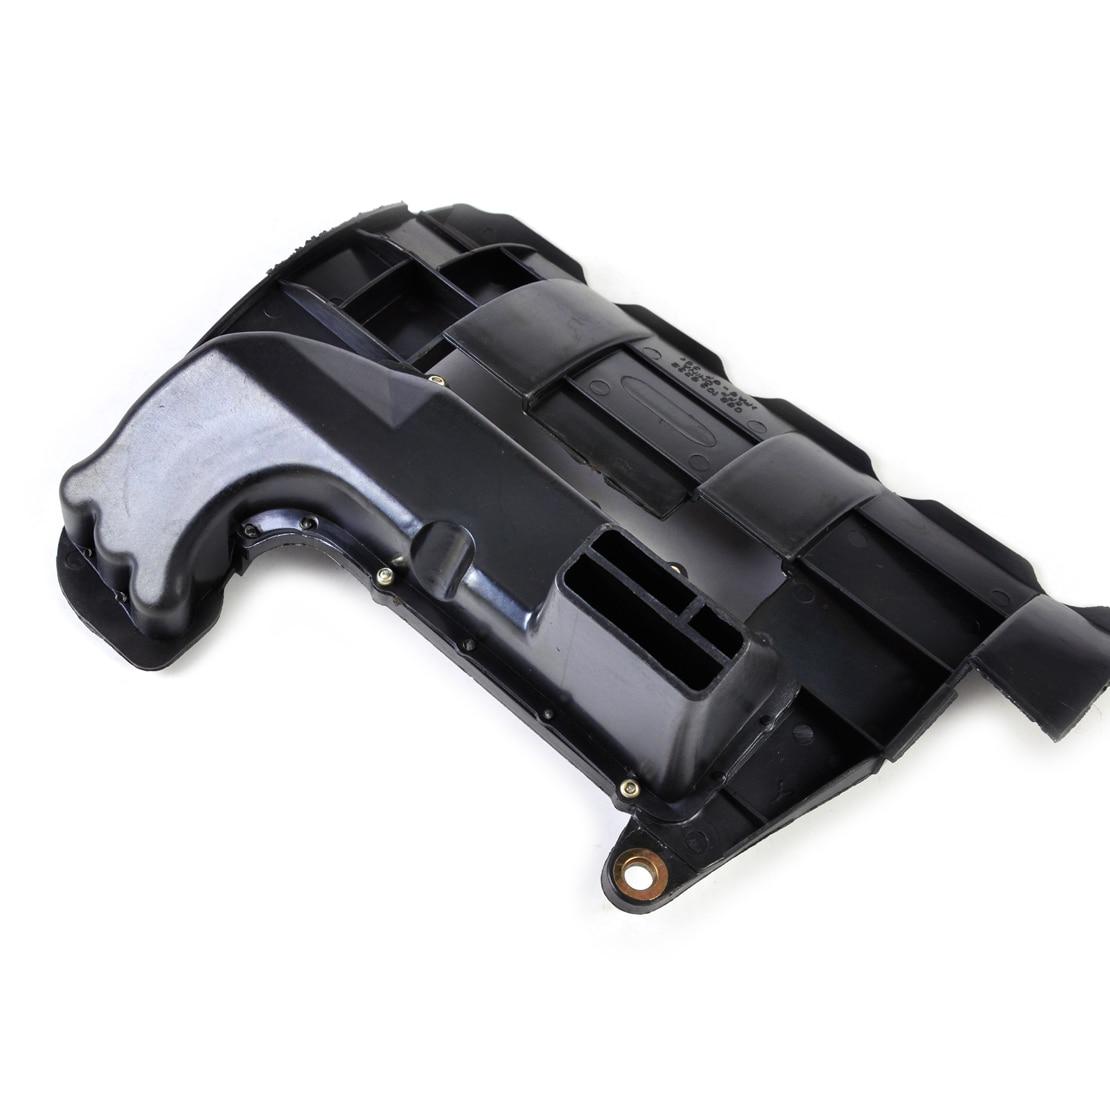 Dwcx 06B103623C aceite restrictor deflector para VW Golf Jetta Bora Beetle Passat Polo Sharan Touran Audi A3 A4 a6 TT